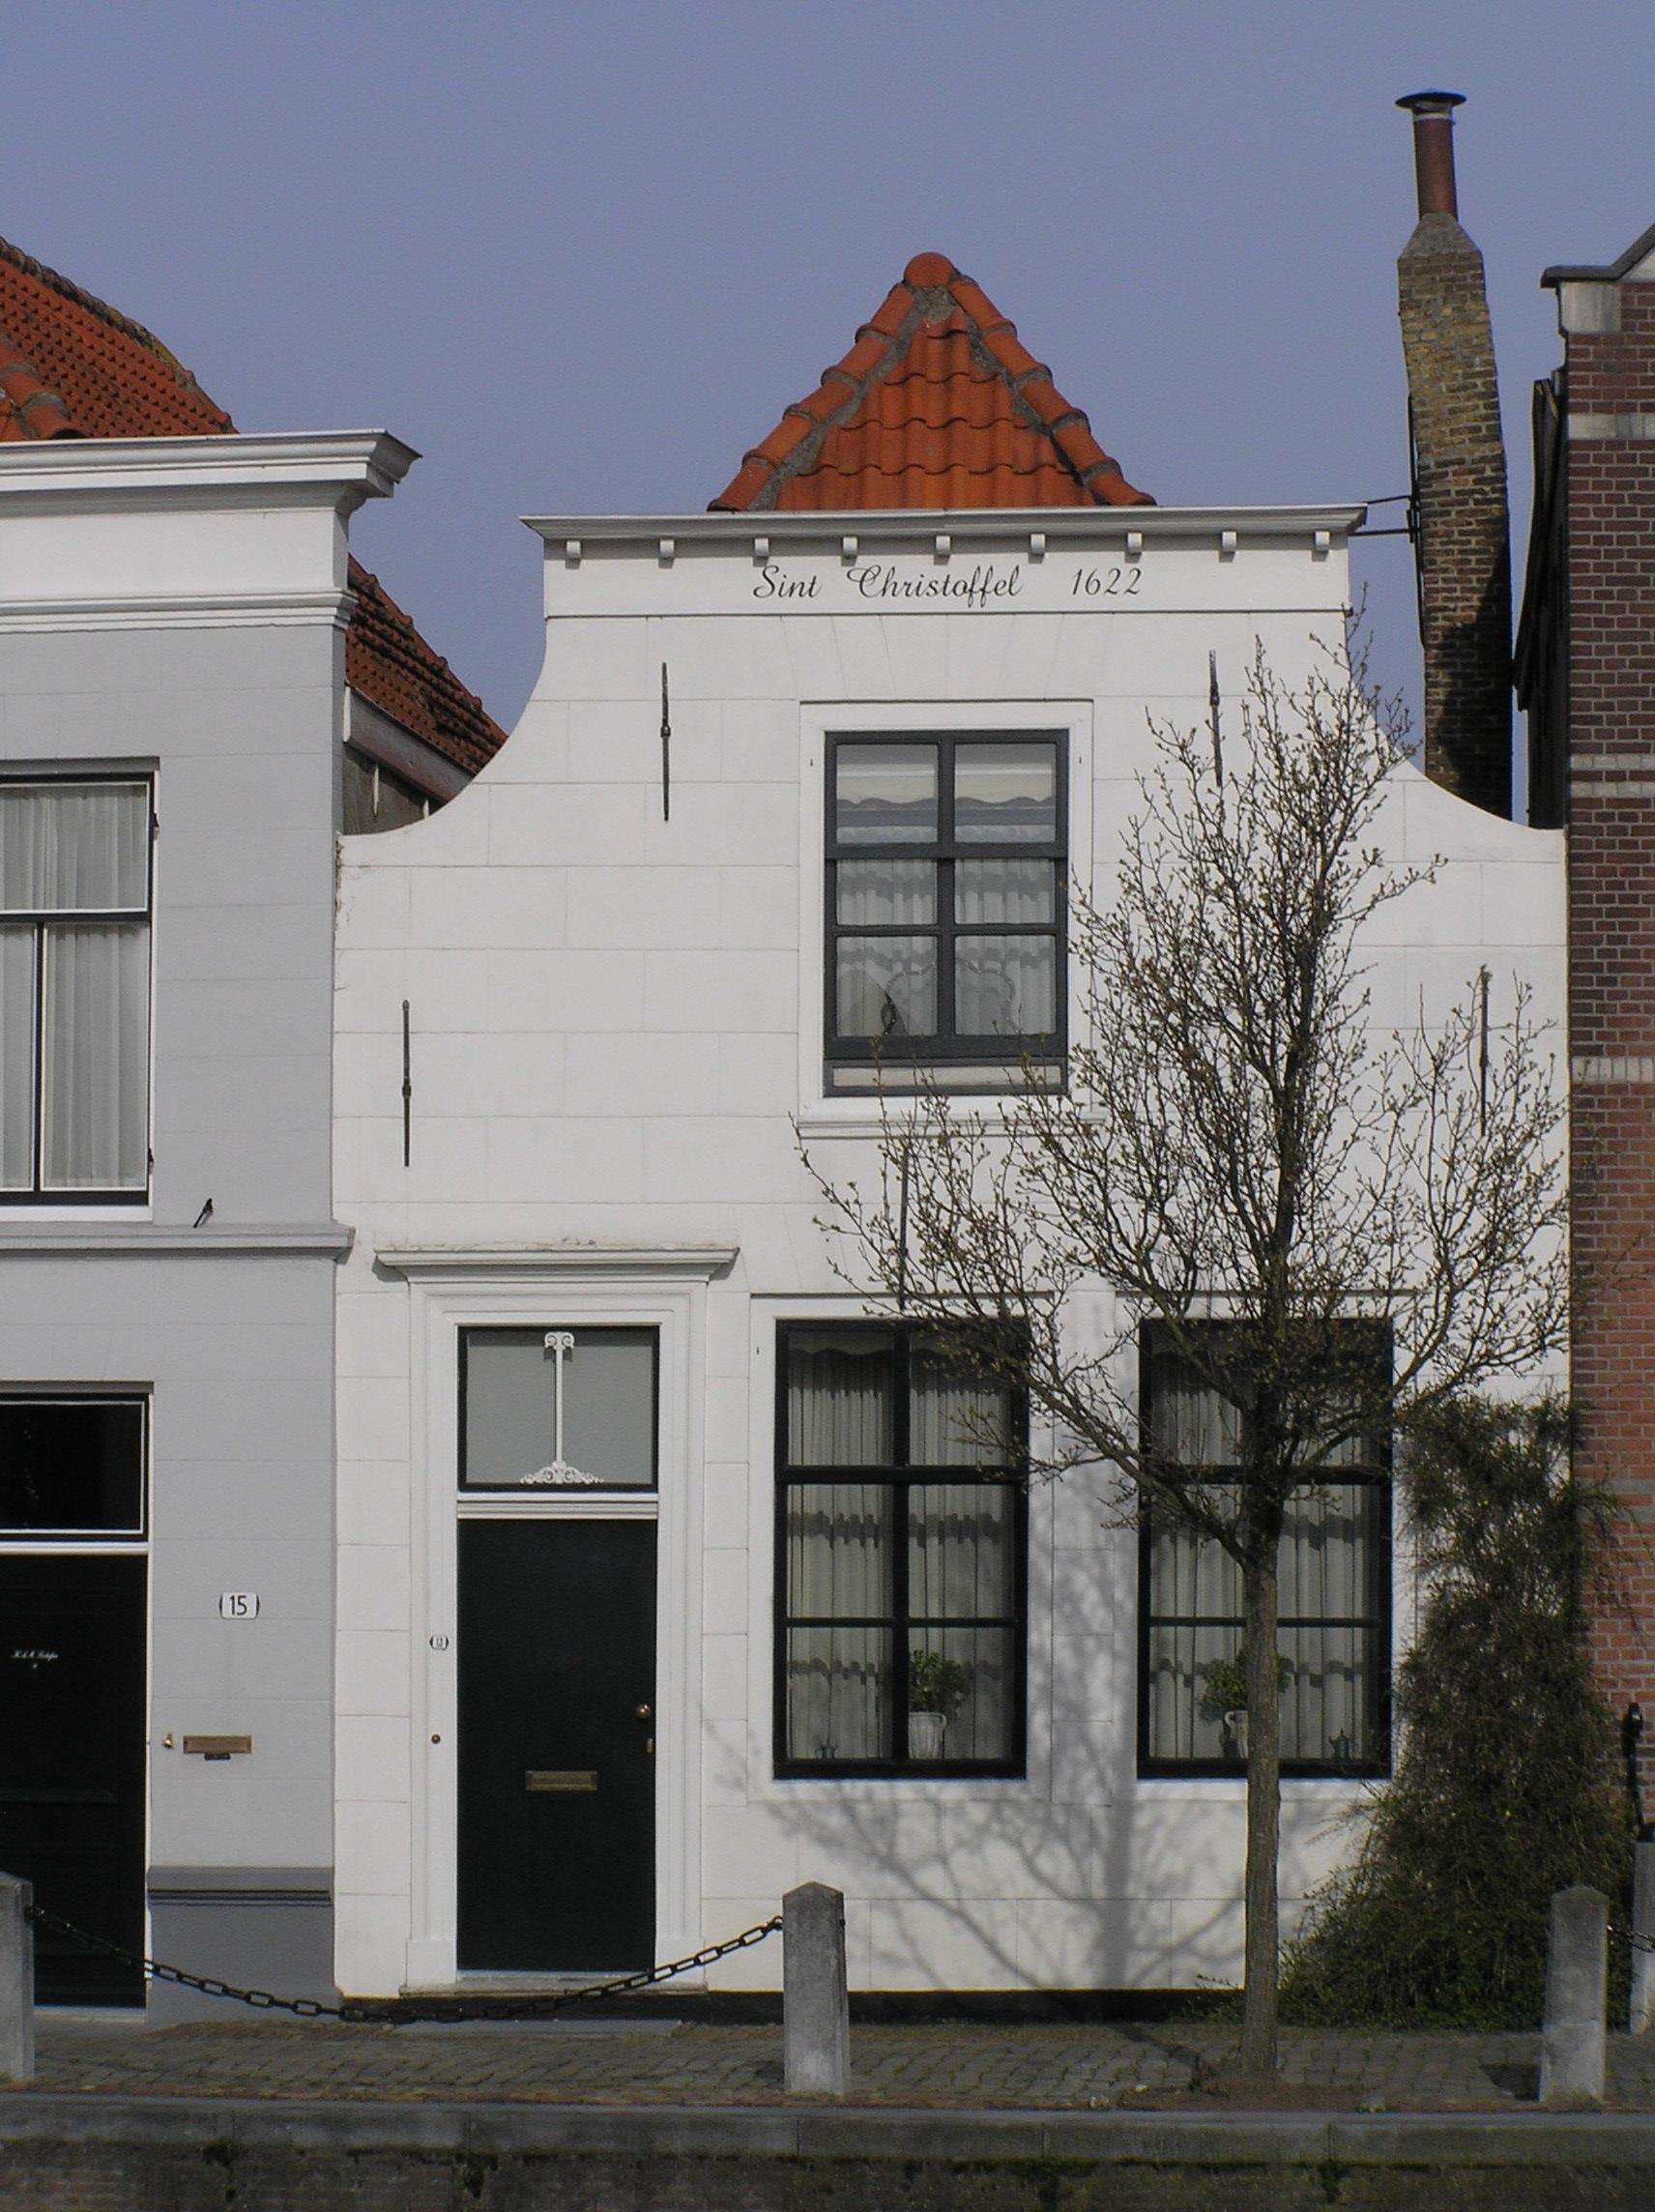 Sint christoffel huis met gepleisterde ingezwenkte gevel lijst met klosjes staafankers - Provencaalse huis gevel ...